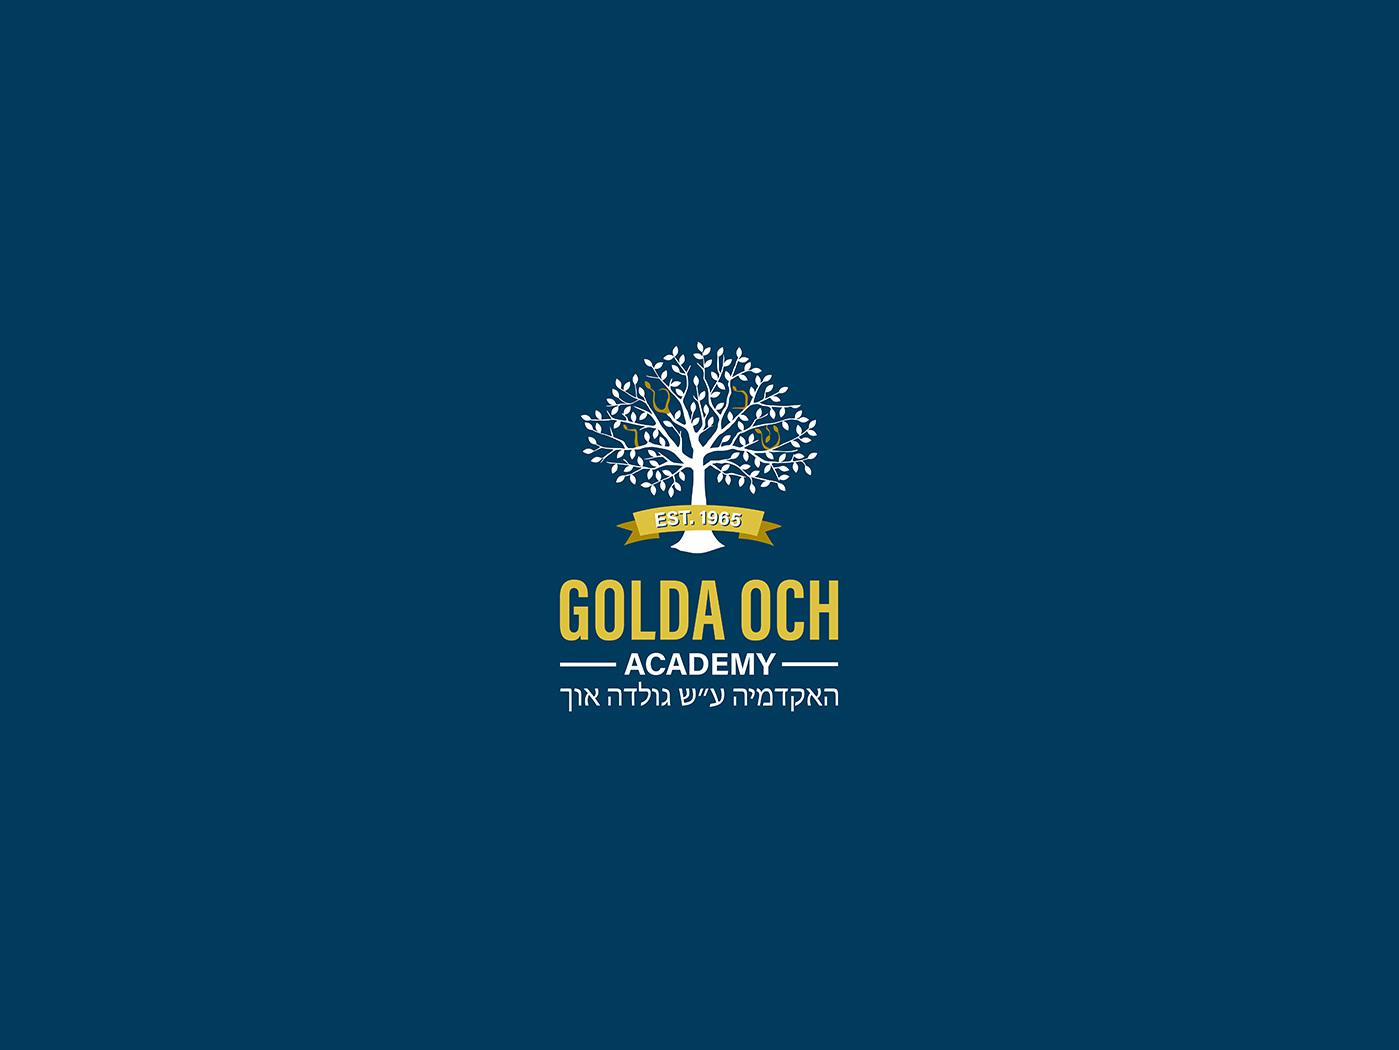 Golda Och Academy